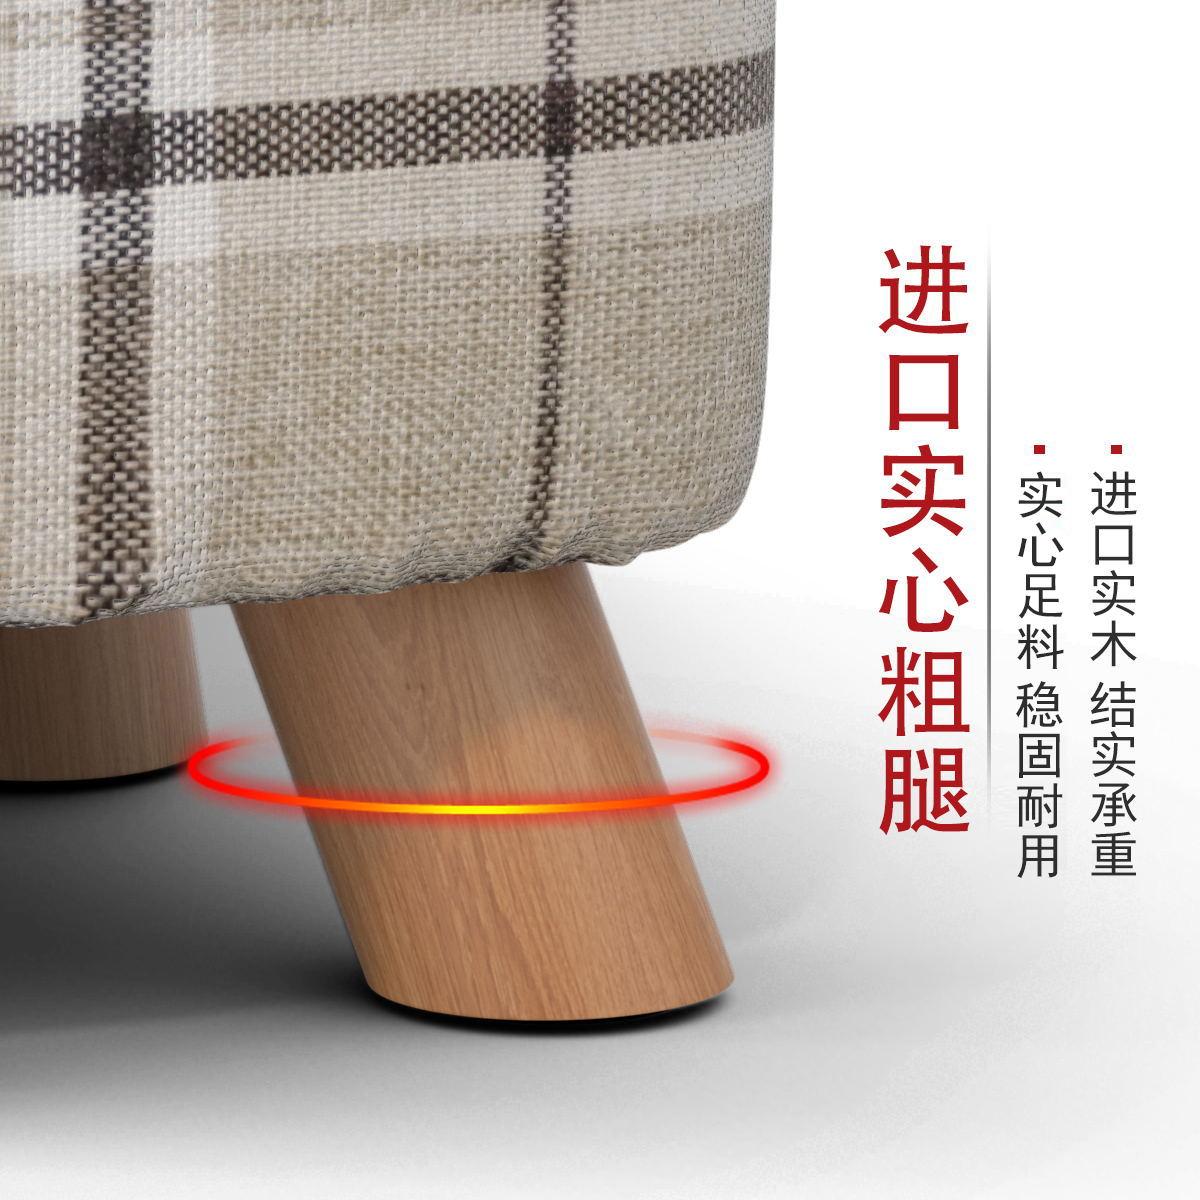 实木换鞋凳时尚穿鞋凳创意方凳布艺家用小凳子沙发凳茶几板凳矮凳